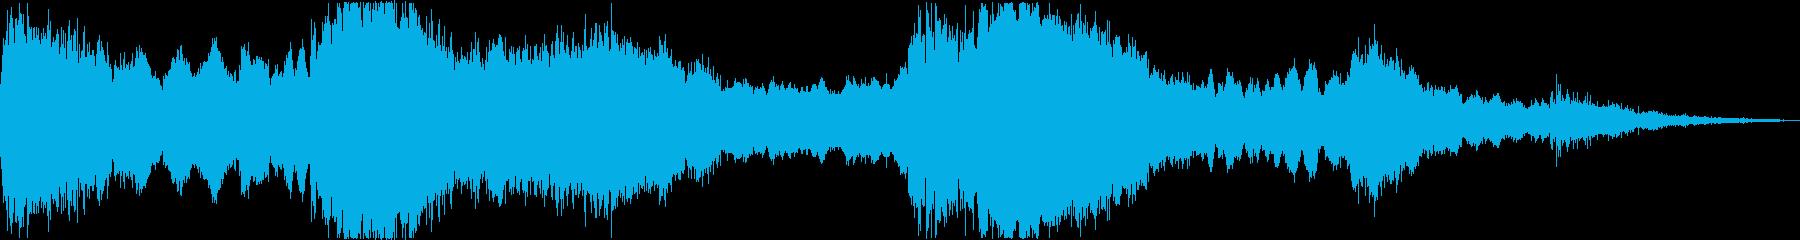 【ダークアンビエント】 奪われた故郷の再生済みの波形